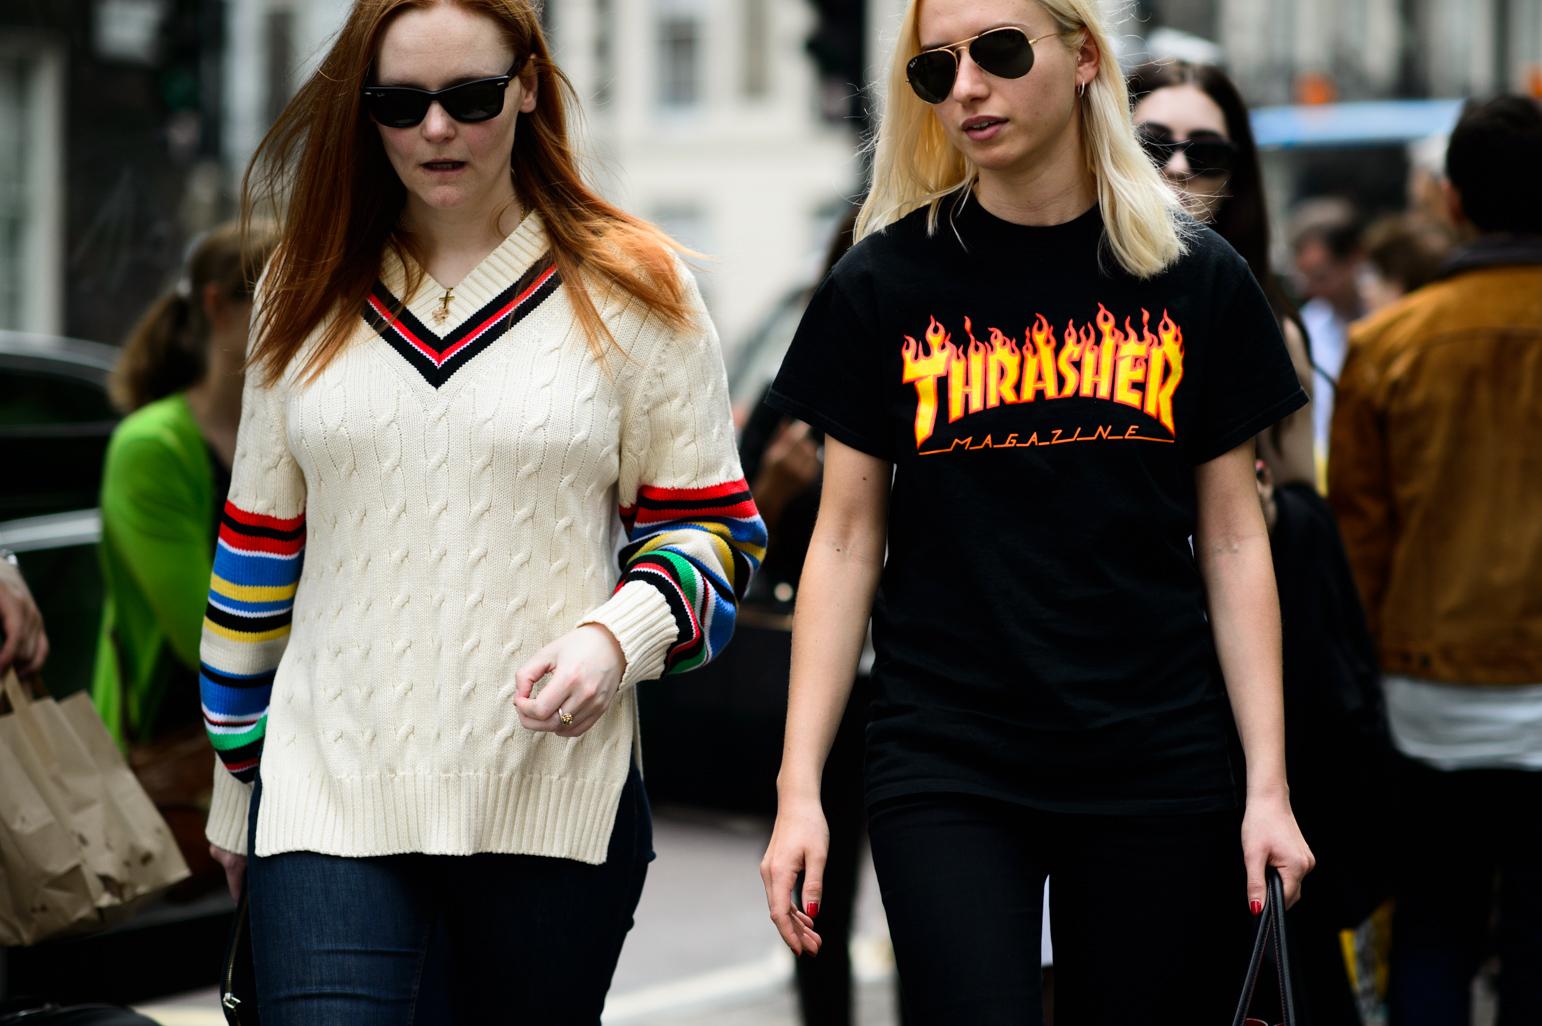 Kobieta w białym swetrze oraz kobieta w czarnym T-shirtcie